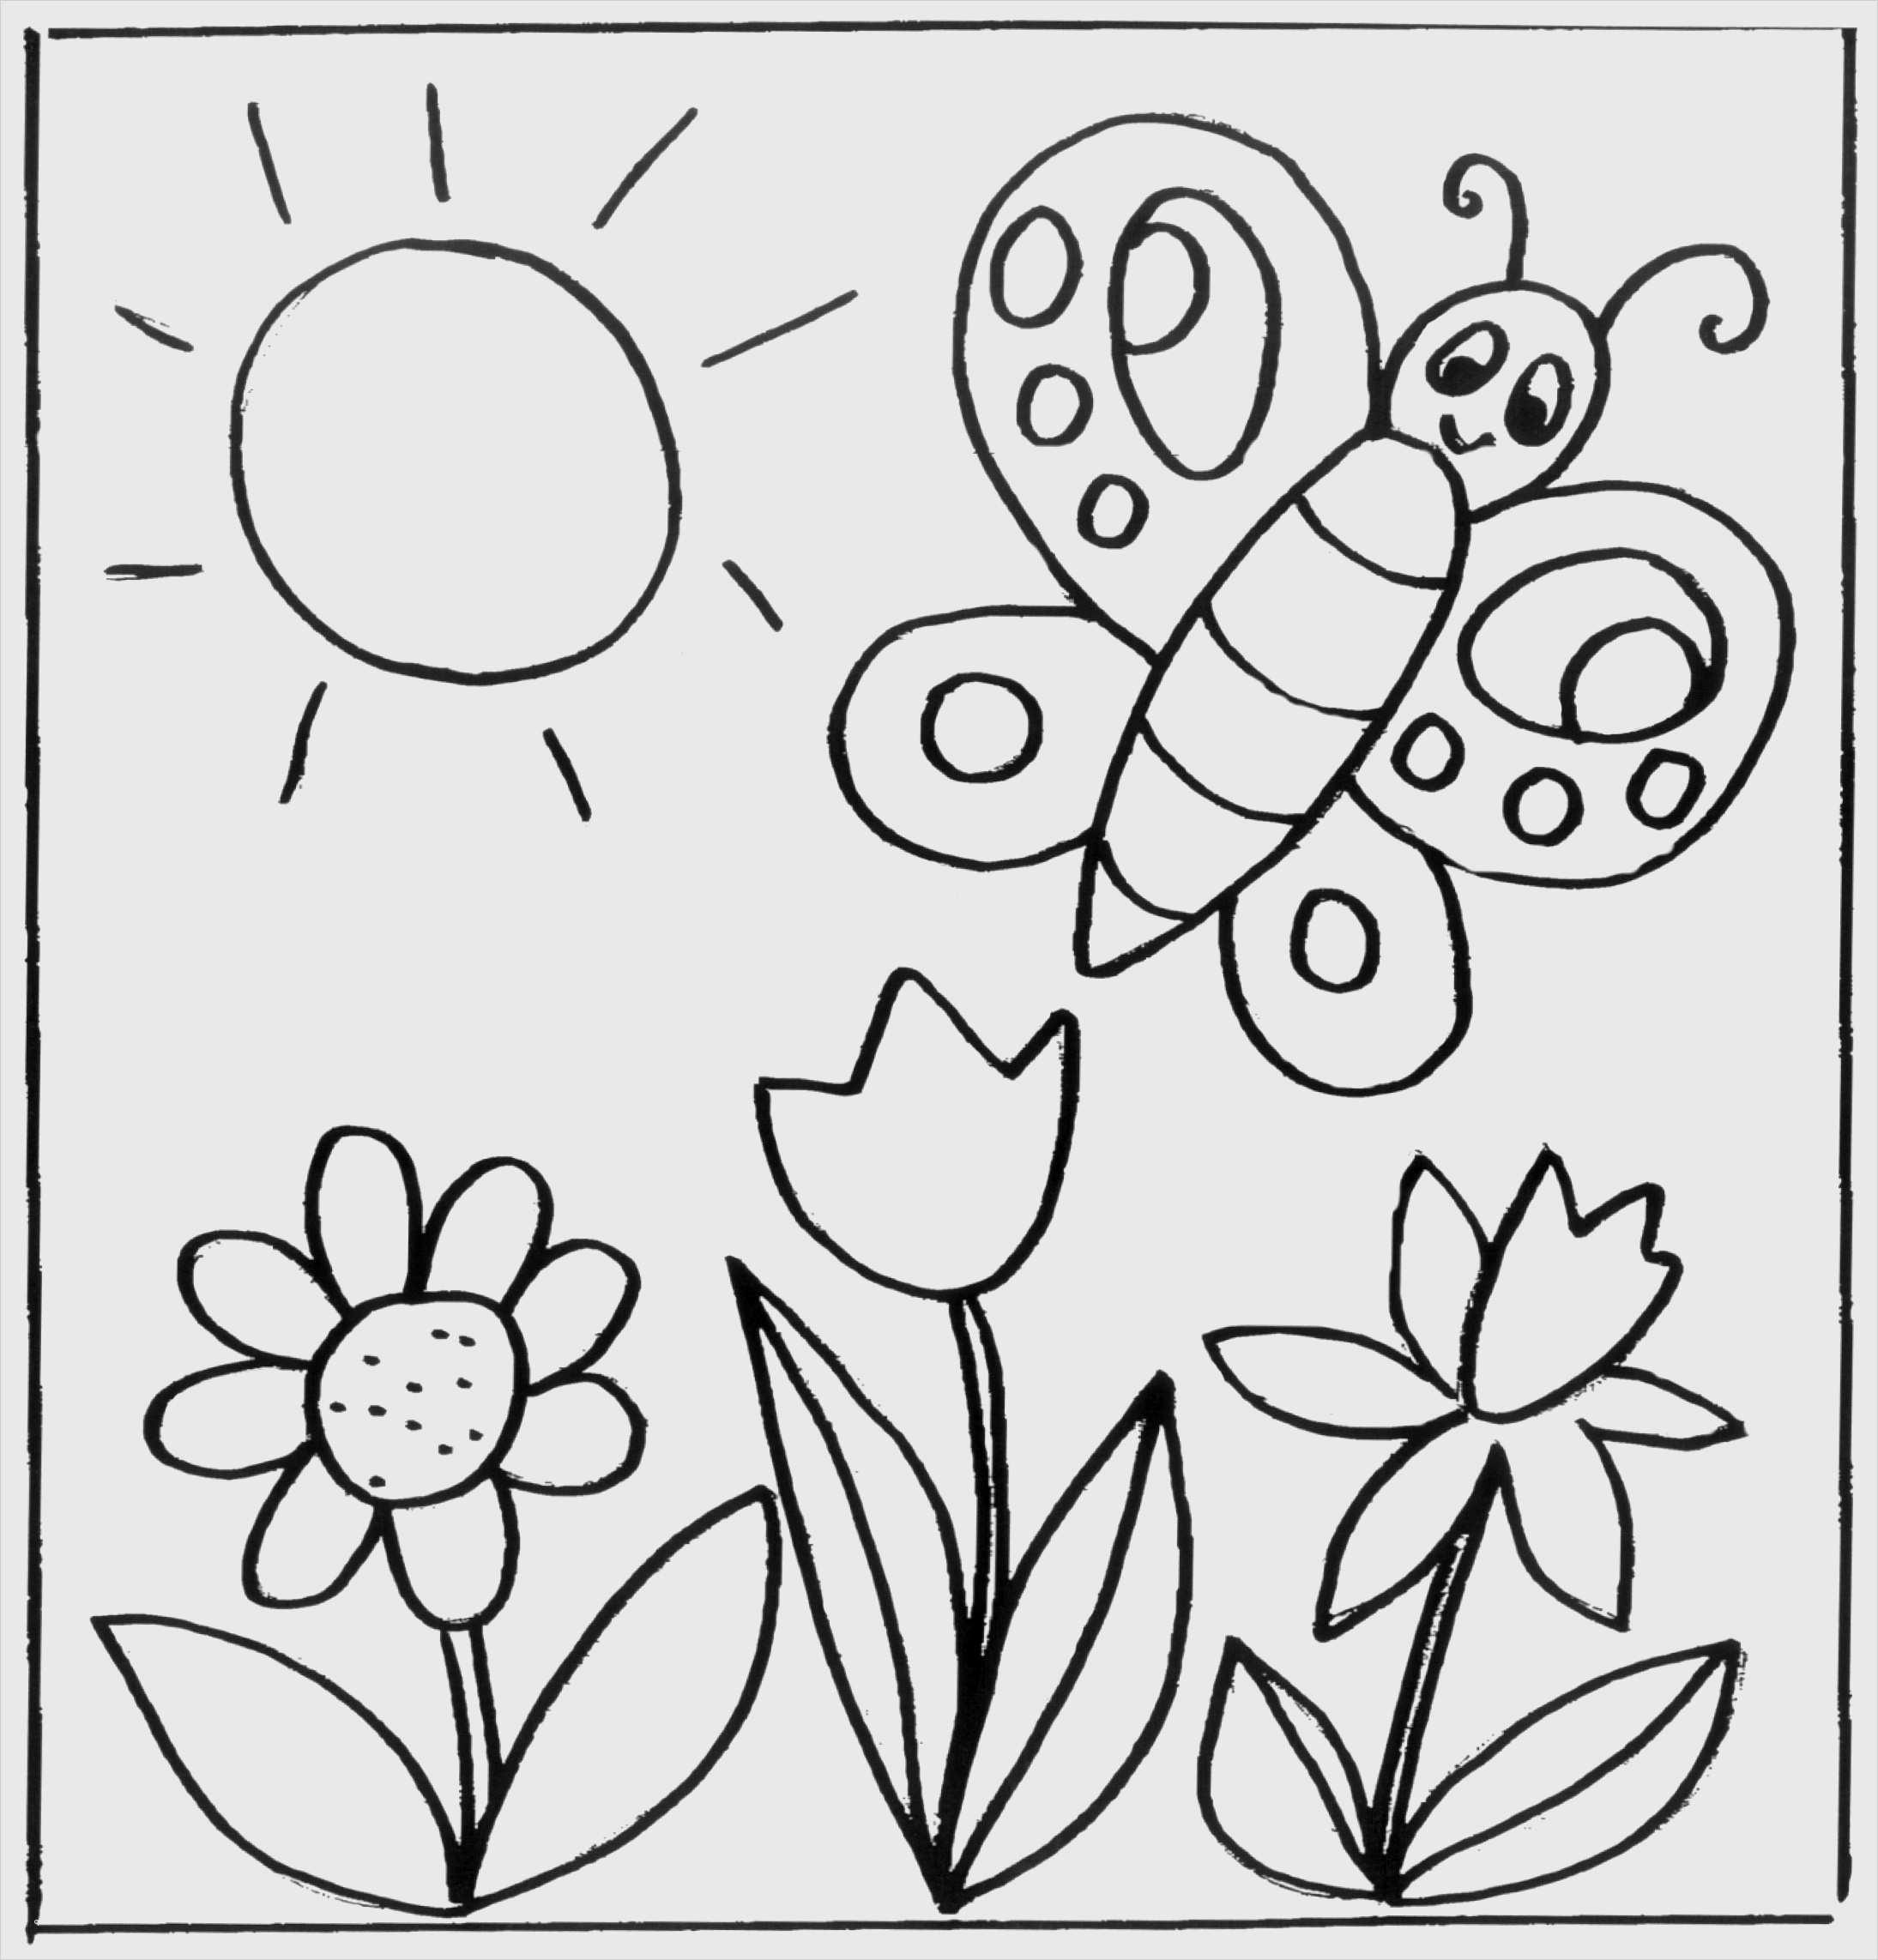 Blumen Vorlagen Zum Ausdrucken 14 Wunderbar Diese Können mit Blumen Vorlagen Kostenlos Ausdrucken